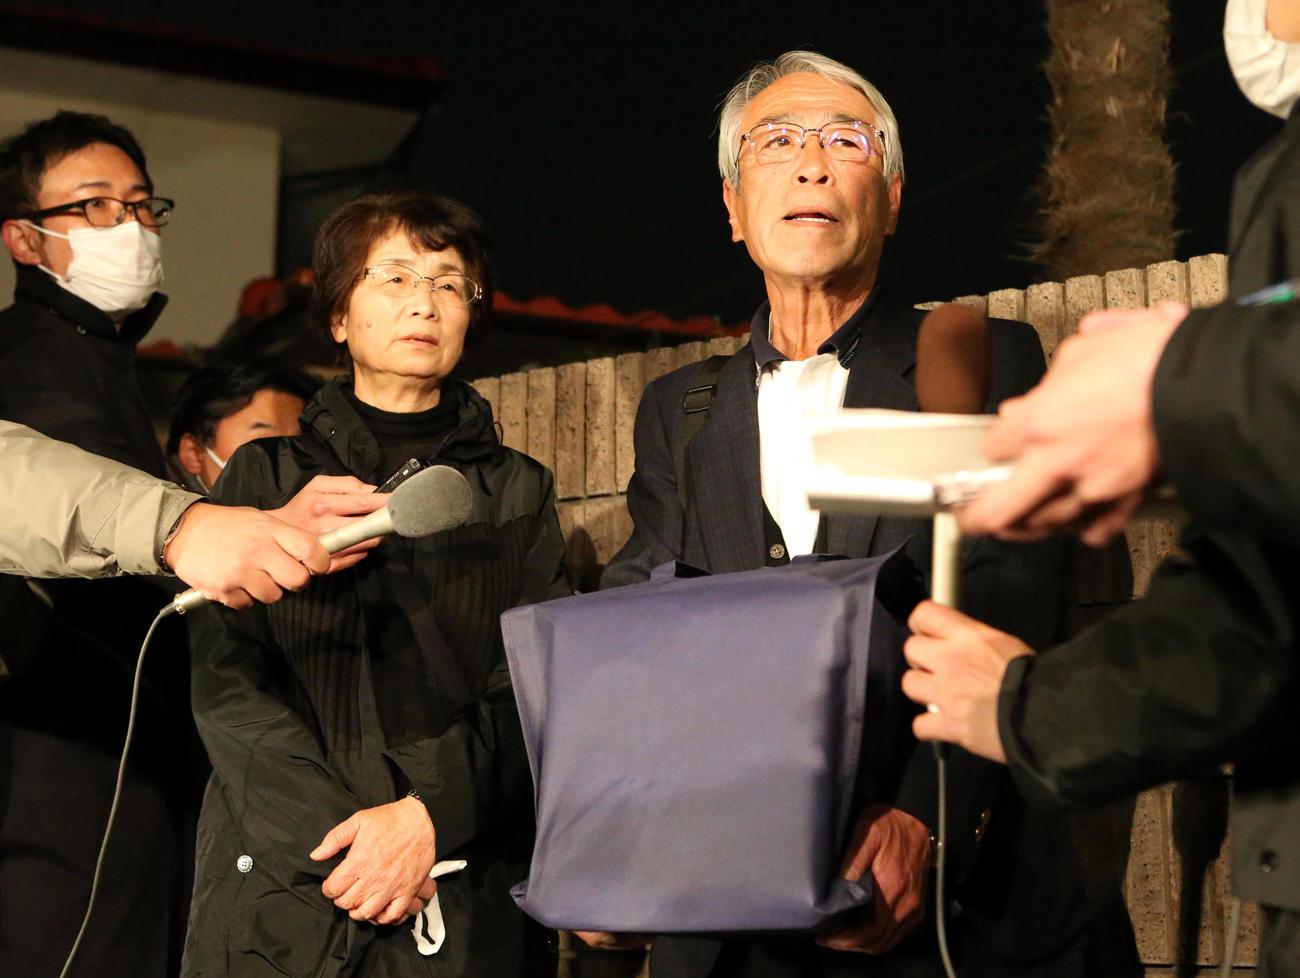 亡くなった志村けんさんの遺骨を抱き、実家の前で報道陣の質問に答える兄知之さん(右)。左は妻のサヨ子さん(撮影・狩俣裕三)